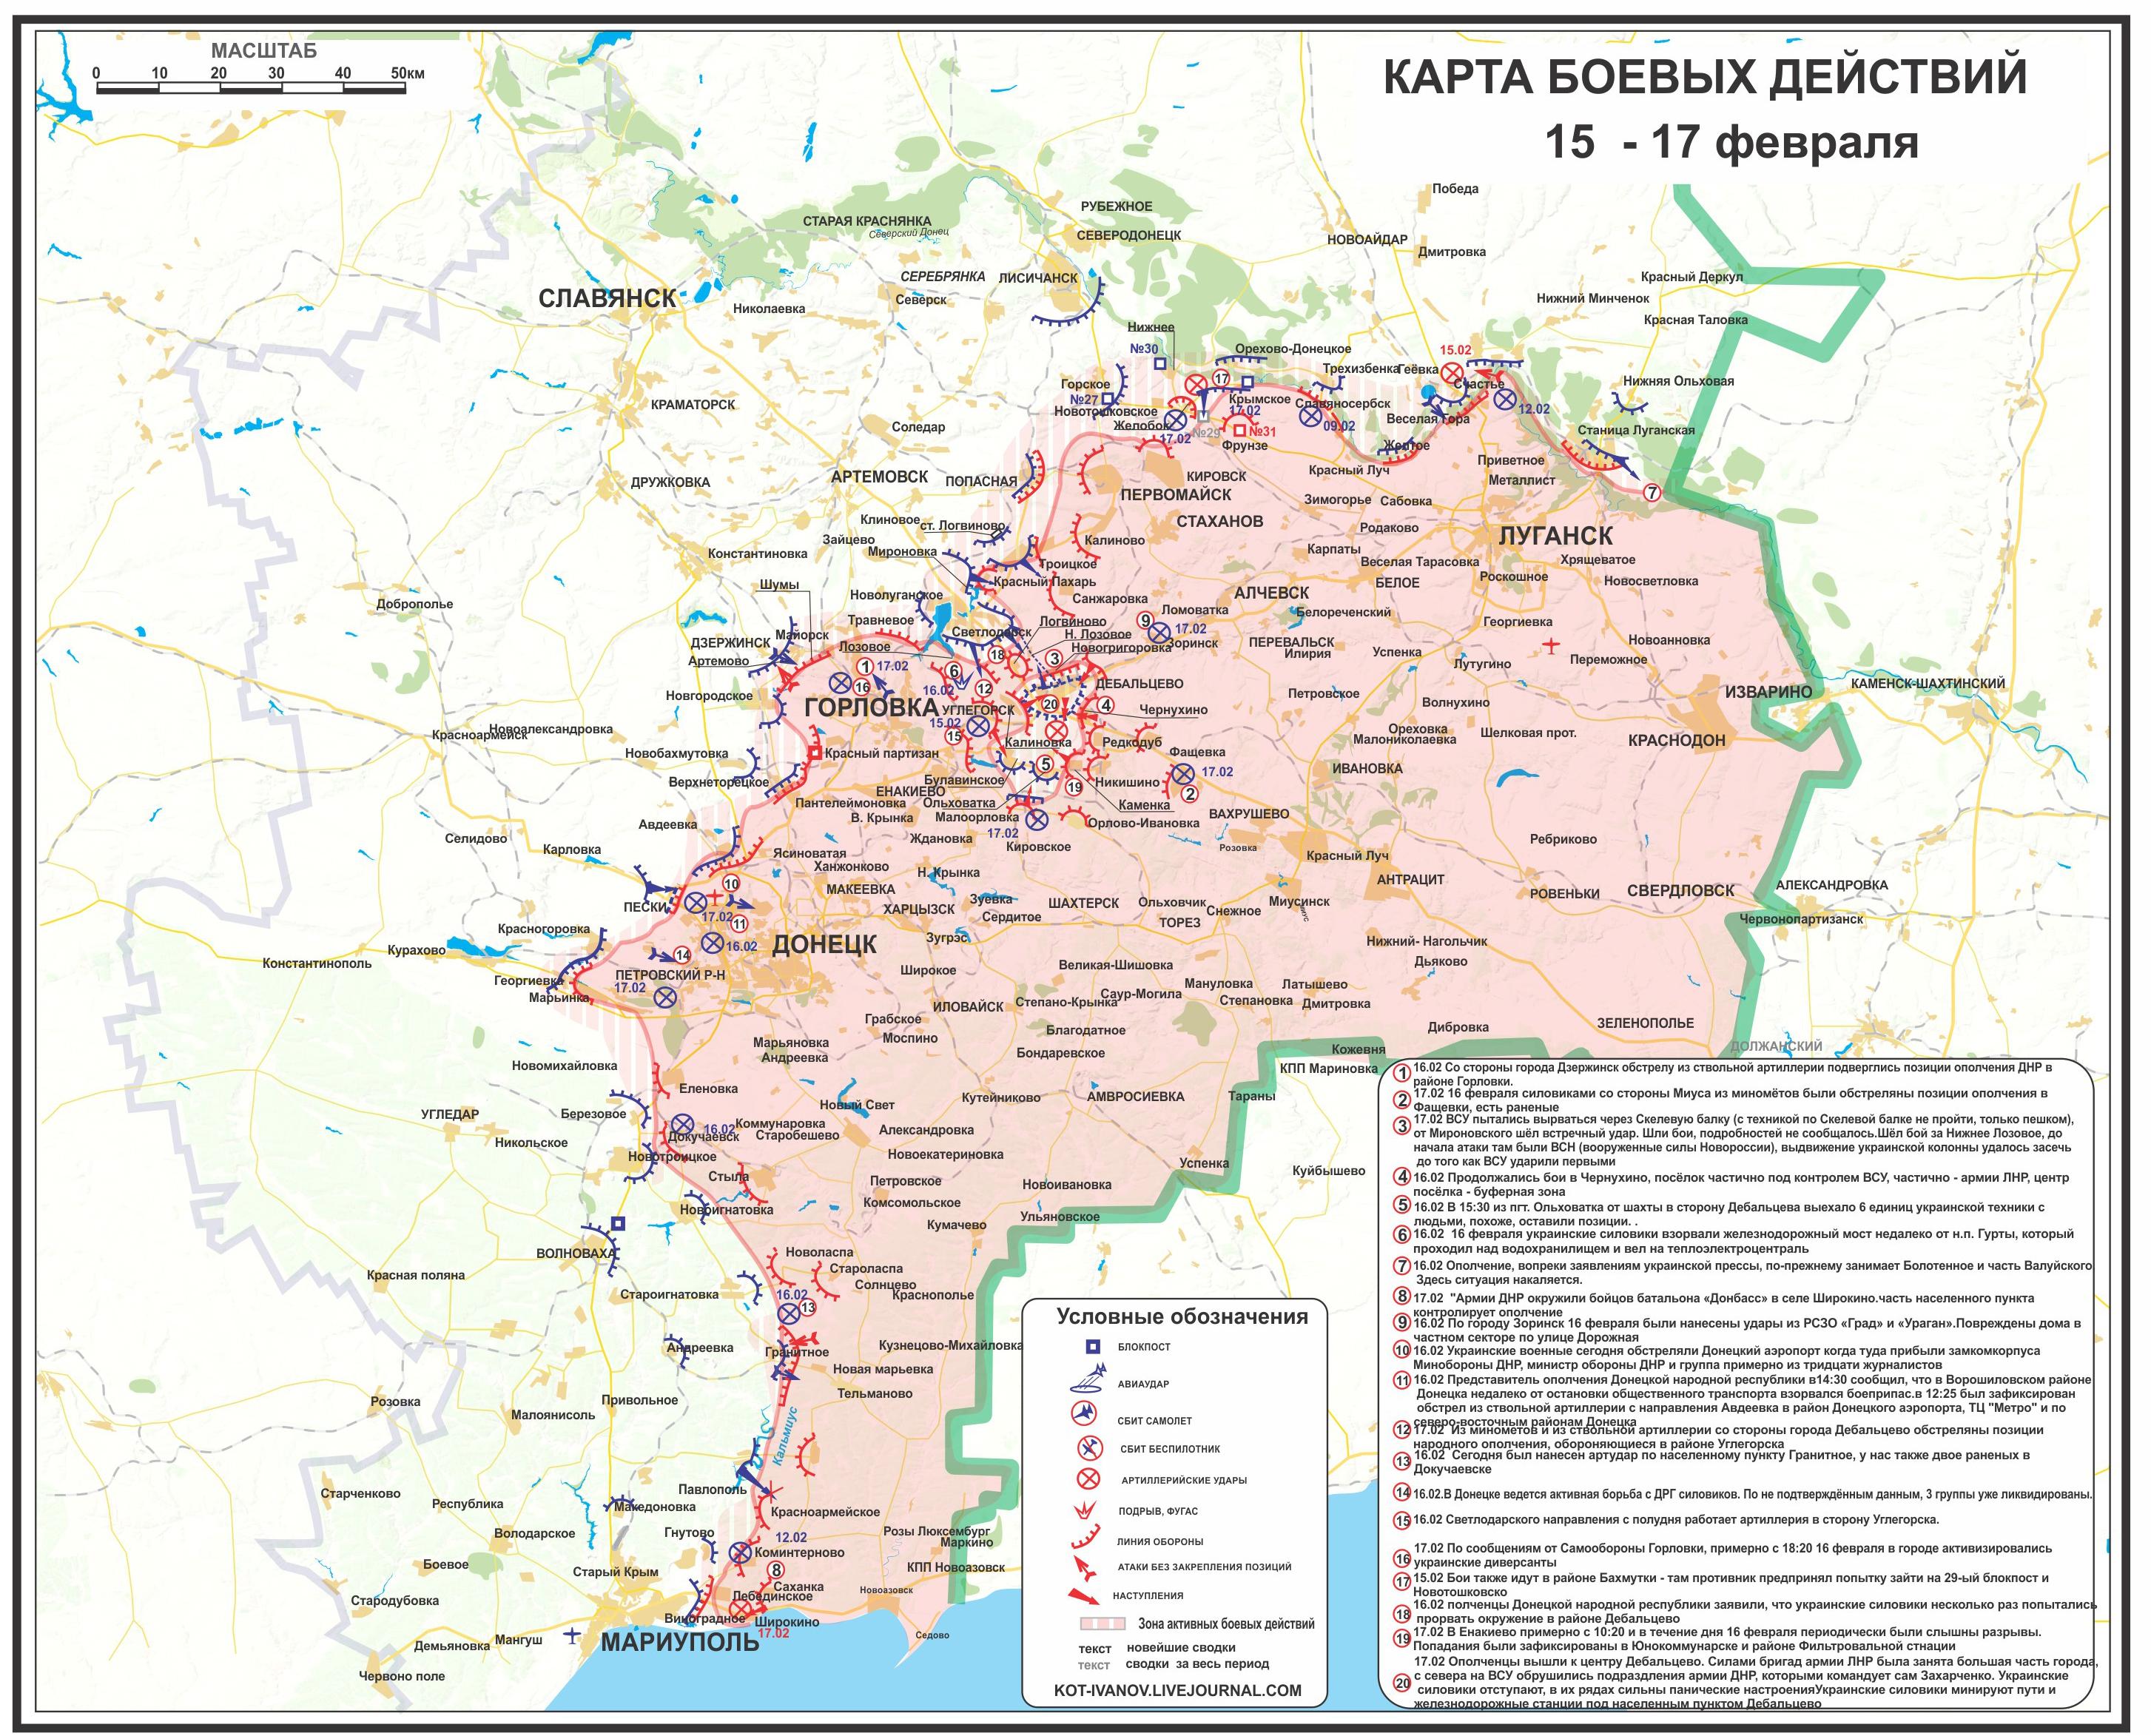 Aktuelle Lage in der Ostukraine (15.-17. Februar)